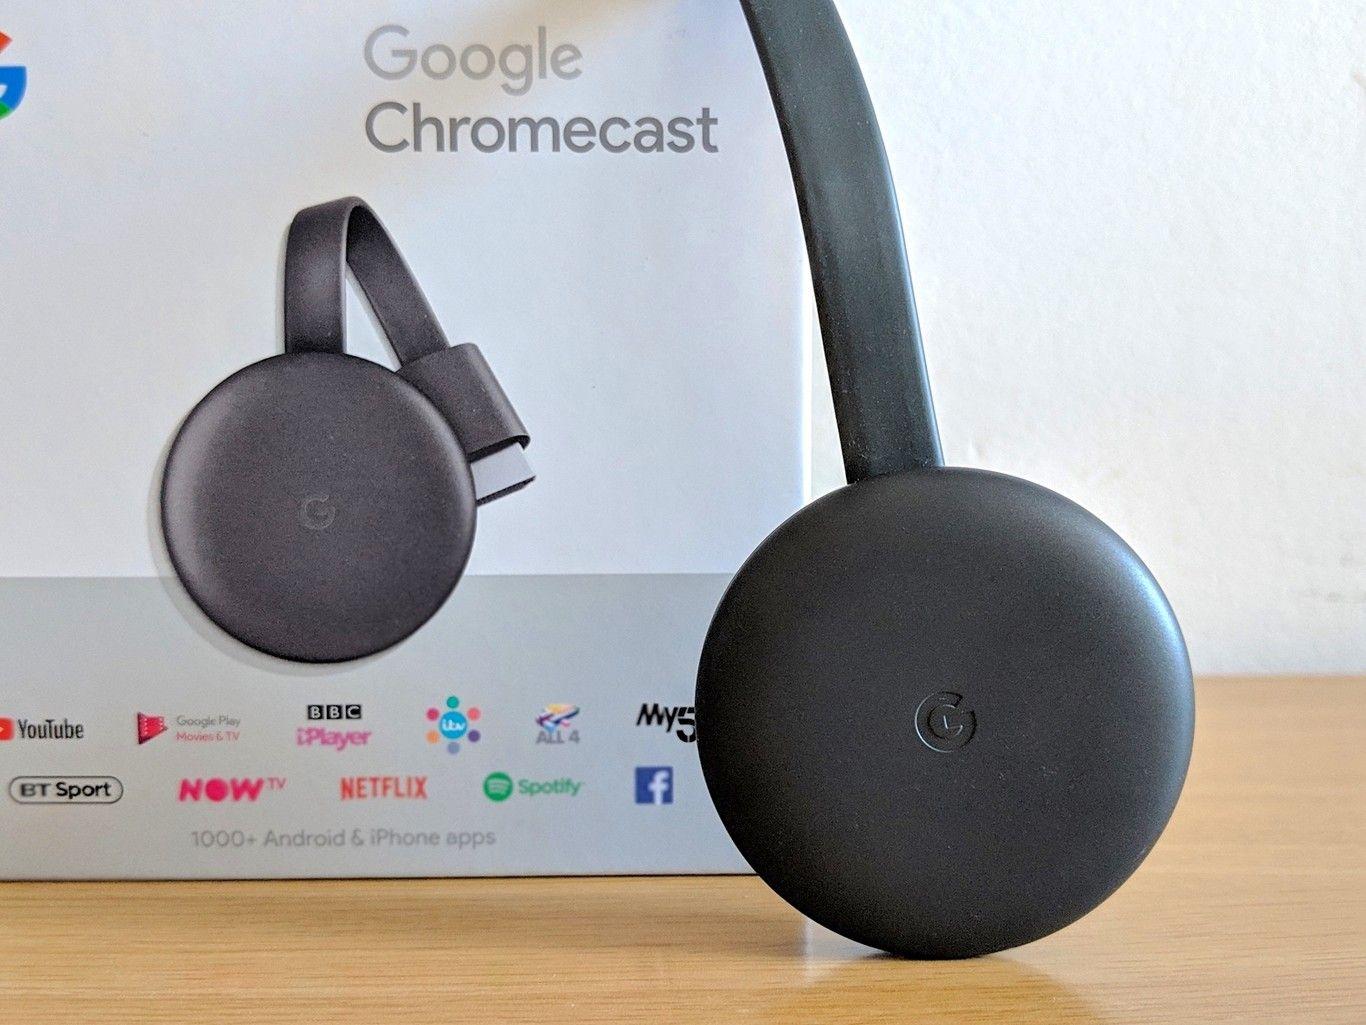 Solución: Mi Chromecast no se conecta a internet